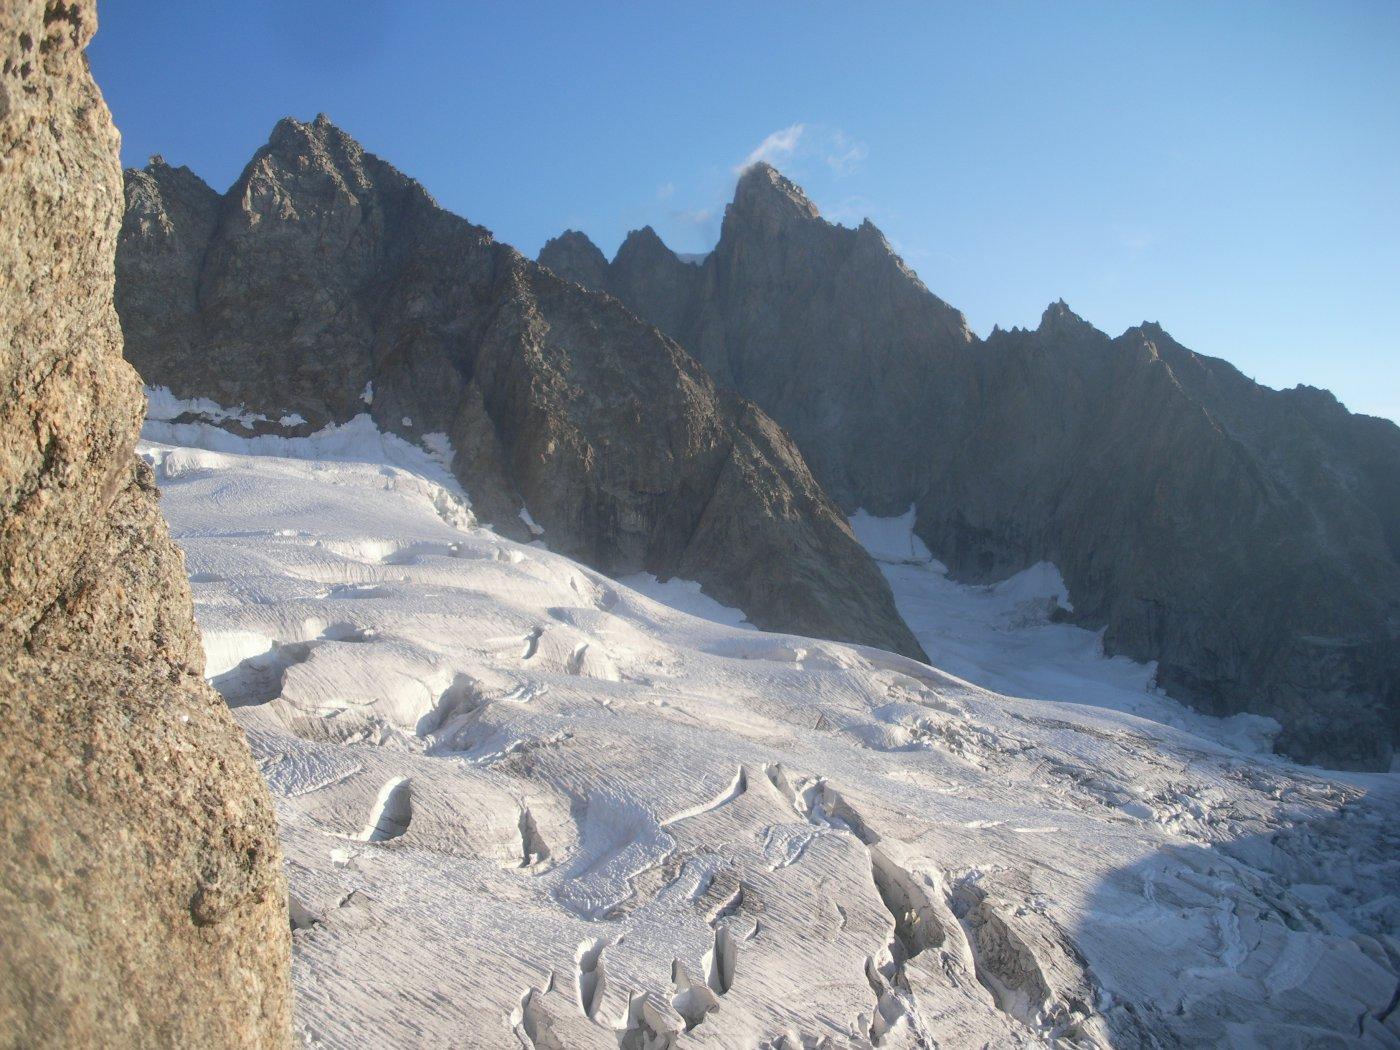 l'Aig. du Triolet dalla cresta Press alla Savoie..domina dall'alto il tormentato ghiacciaio di Triolet stesso..